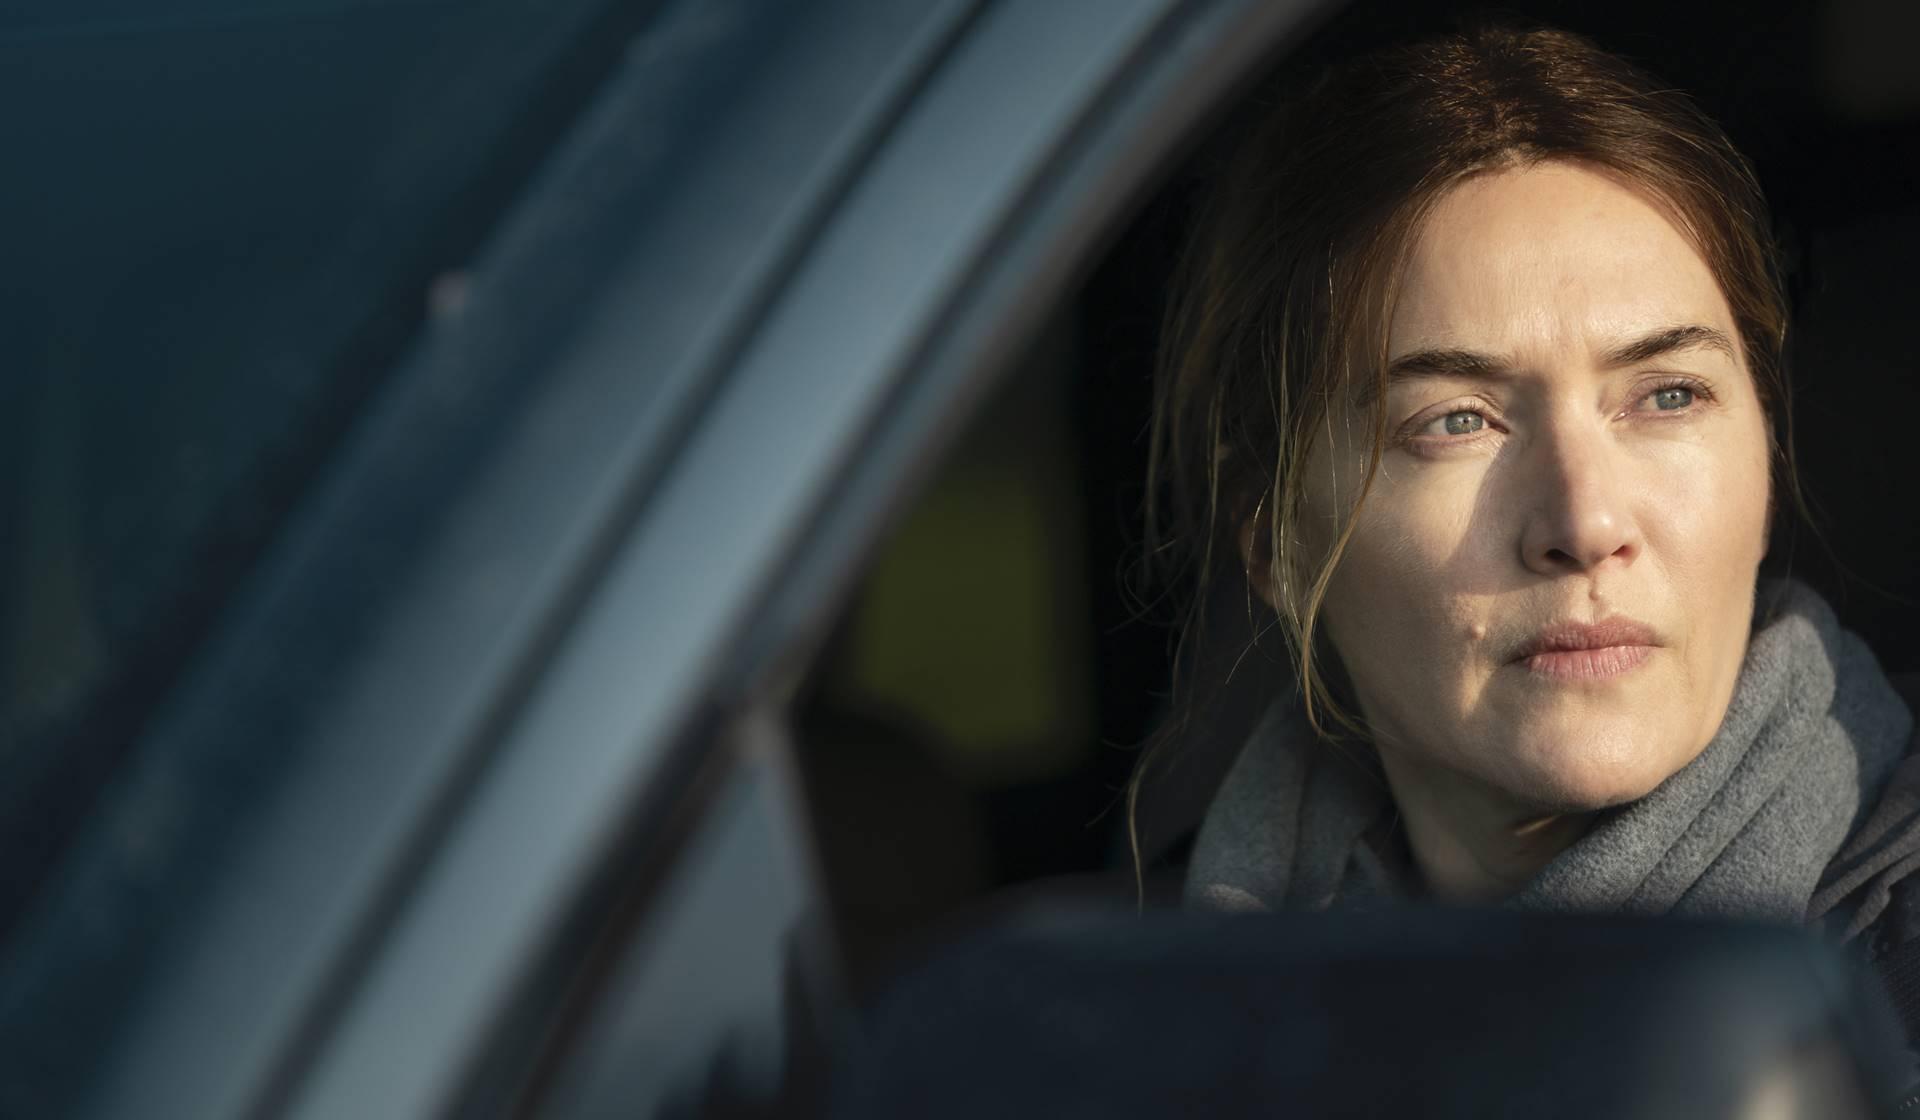 Kate Winslet interpreta a Mare Seehan en Mare of Easttown.